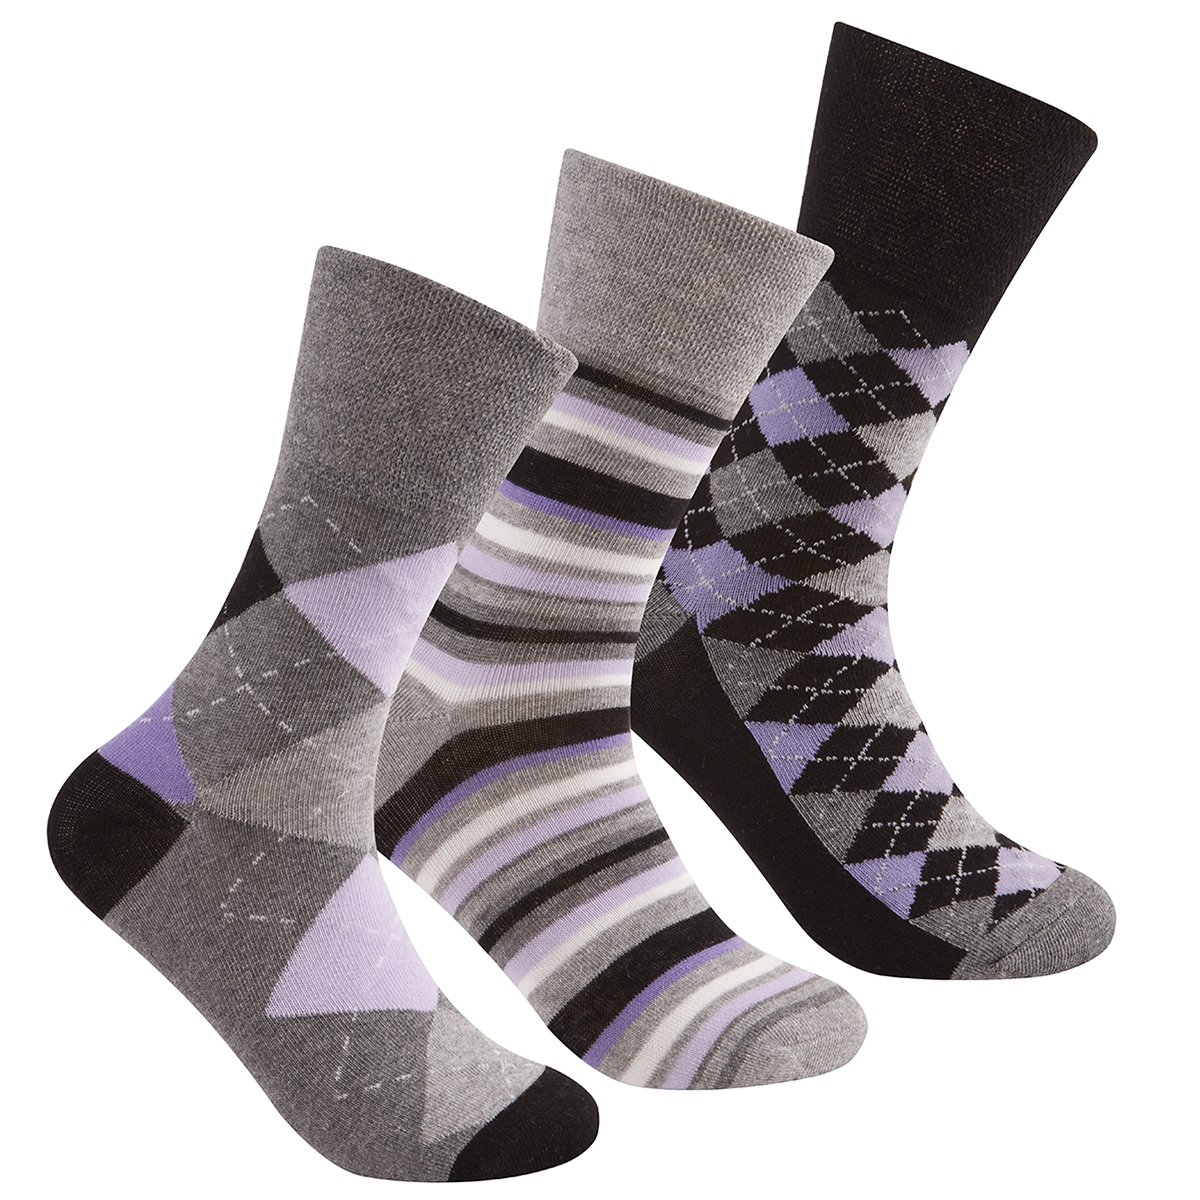 Ladies Non Elastic Loose Top Socks /(6 or 12 Pair Multipack/) Gentle ...